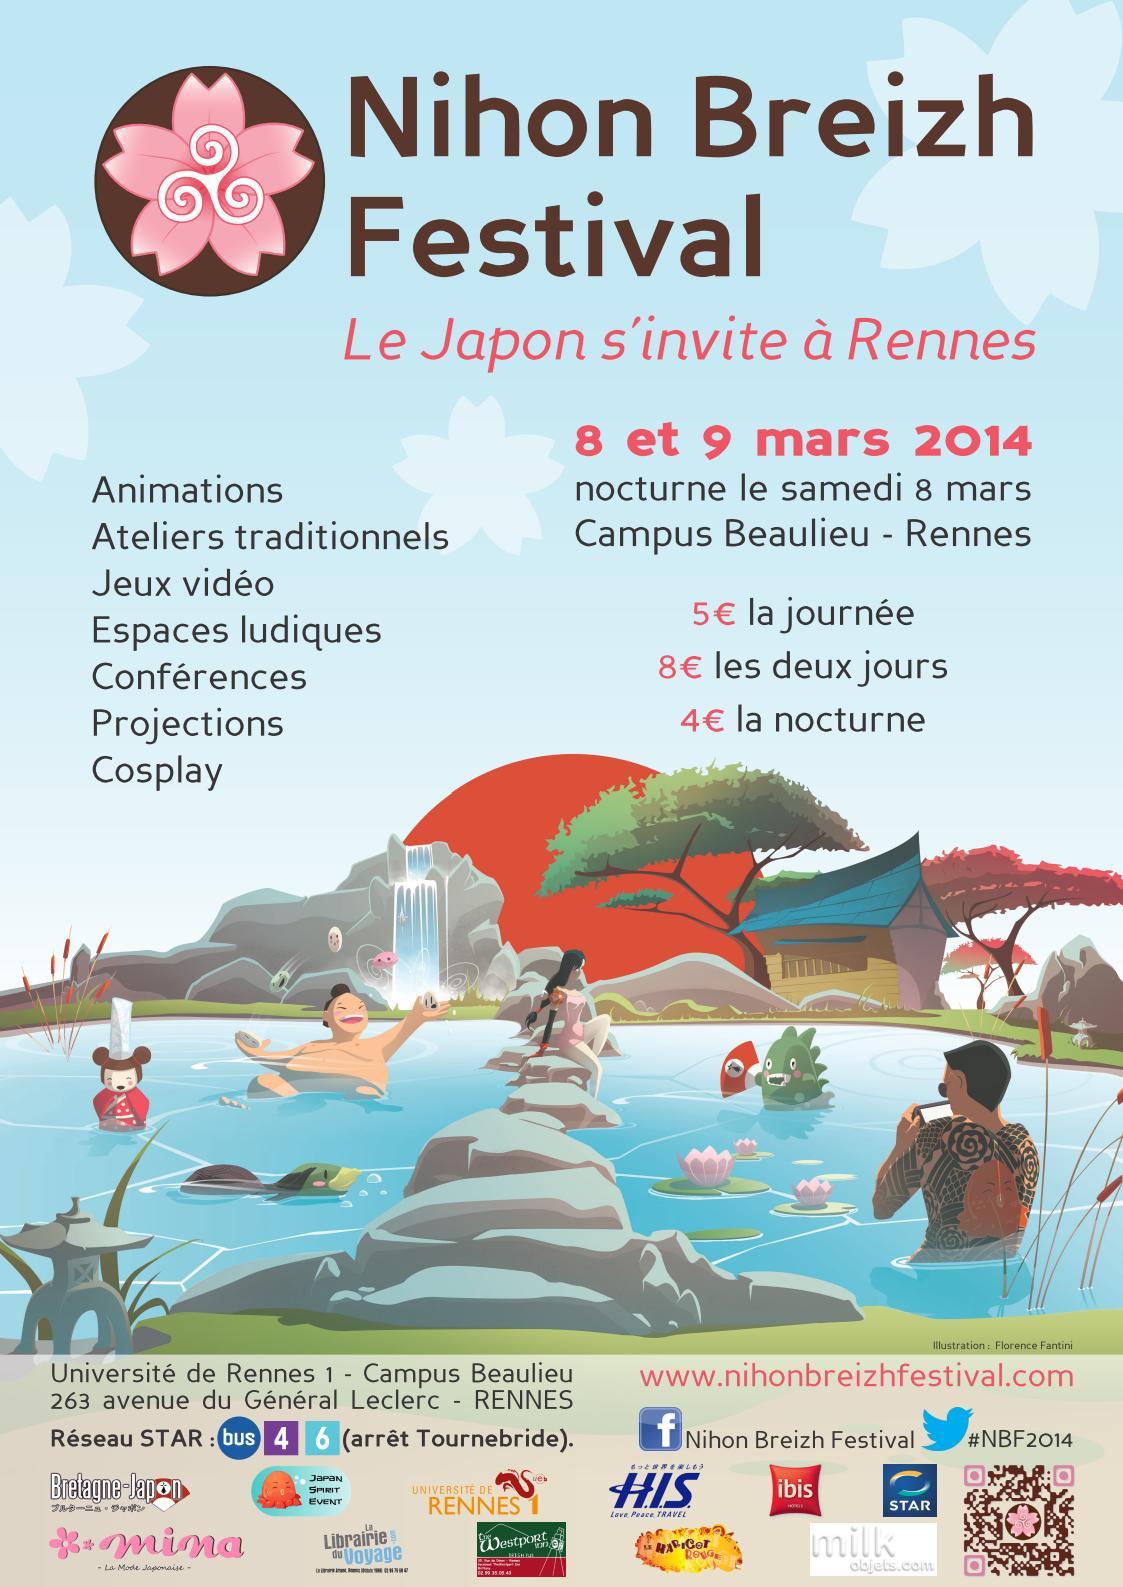 L'association Jumelage Rennes-Sendai sera présente au Nihon Breizh Festival (8-9 mars à Rennes)